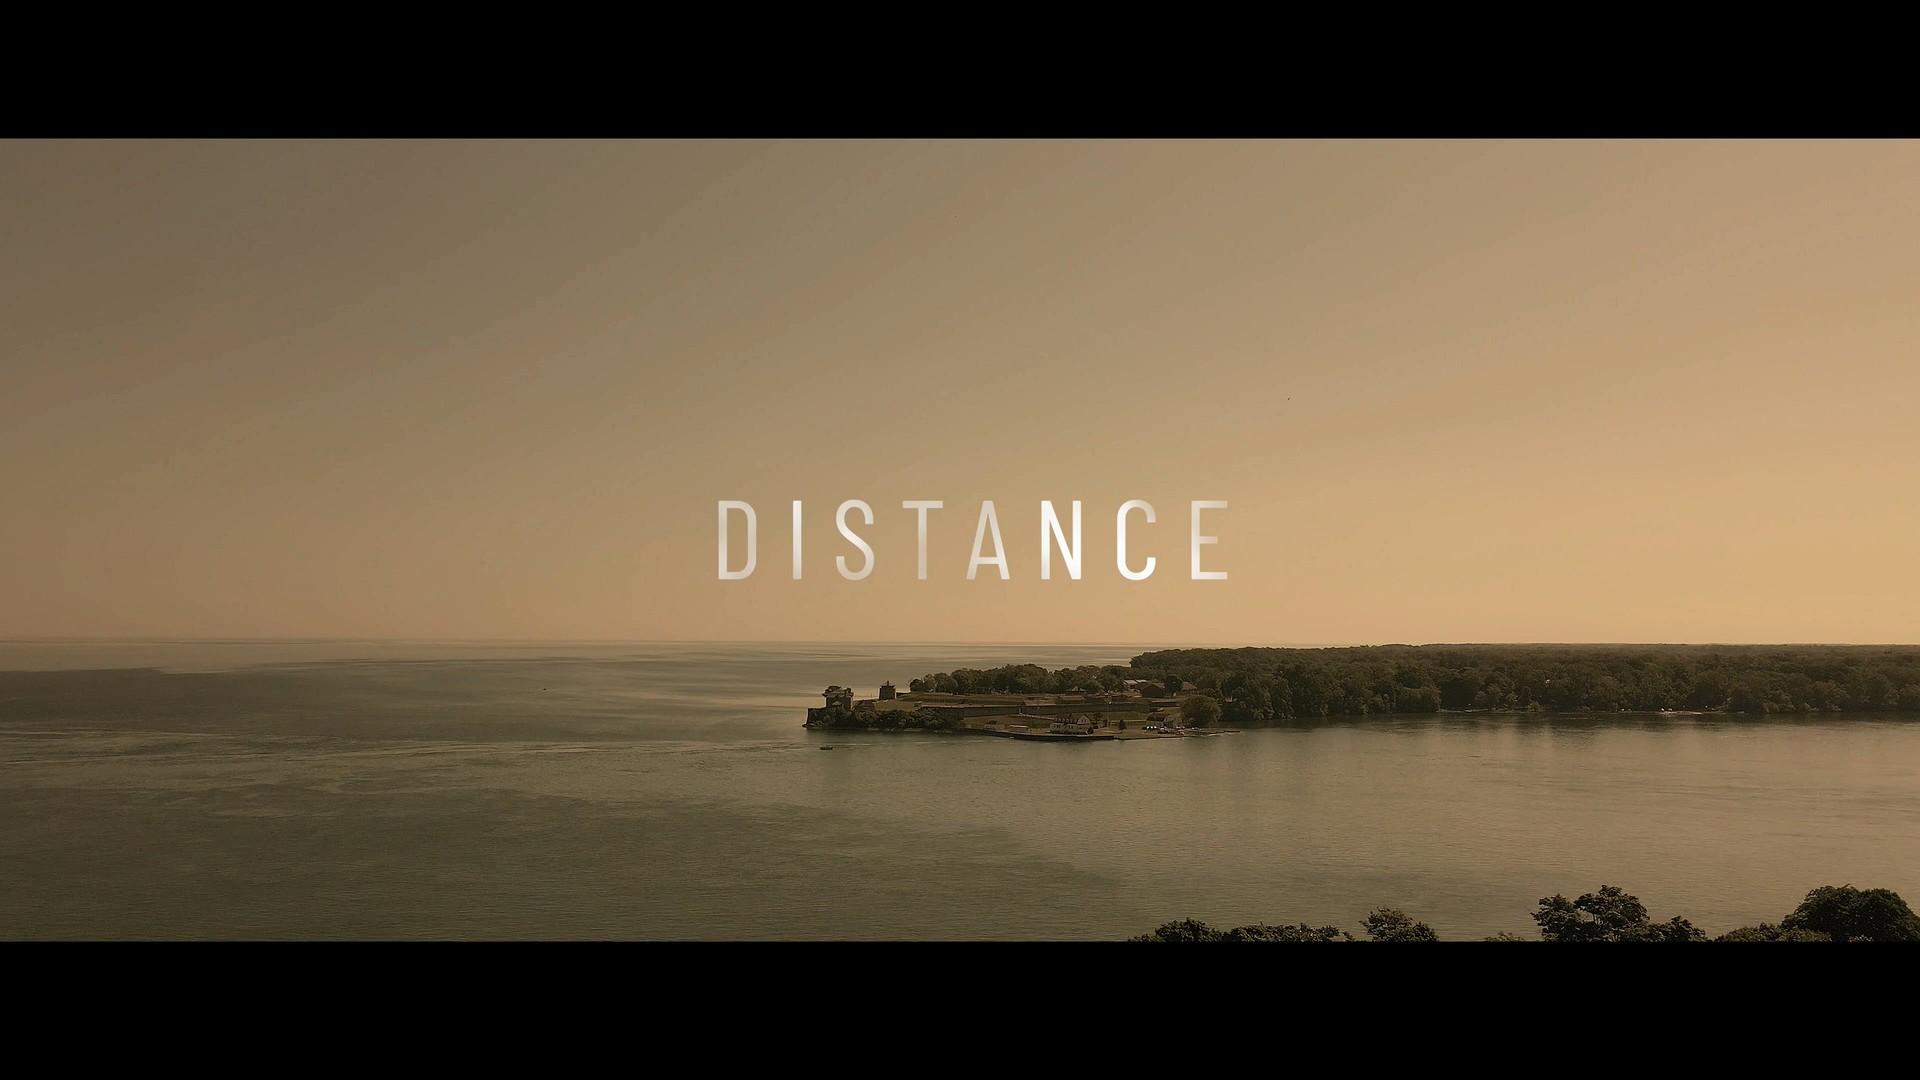 여분의 음악 ; <br>더준수 디지털 싱글 《 DISTANCE 》